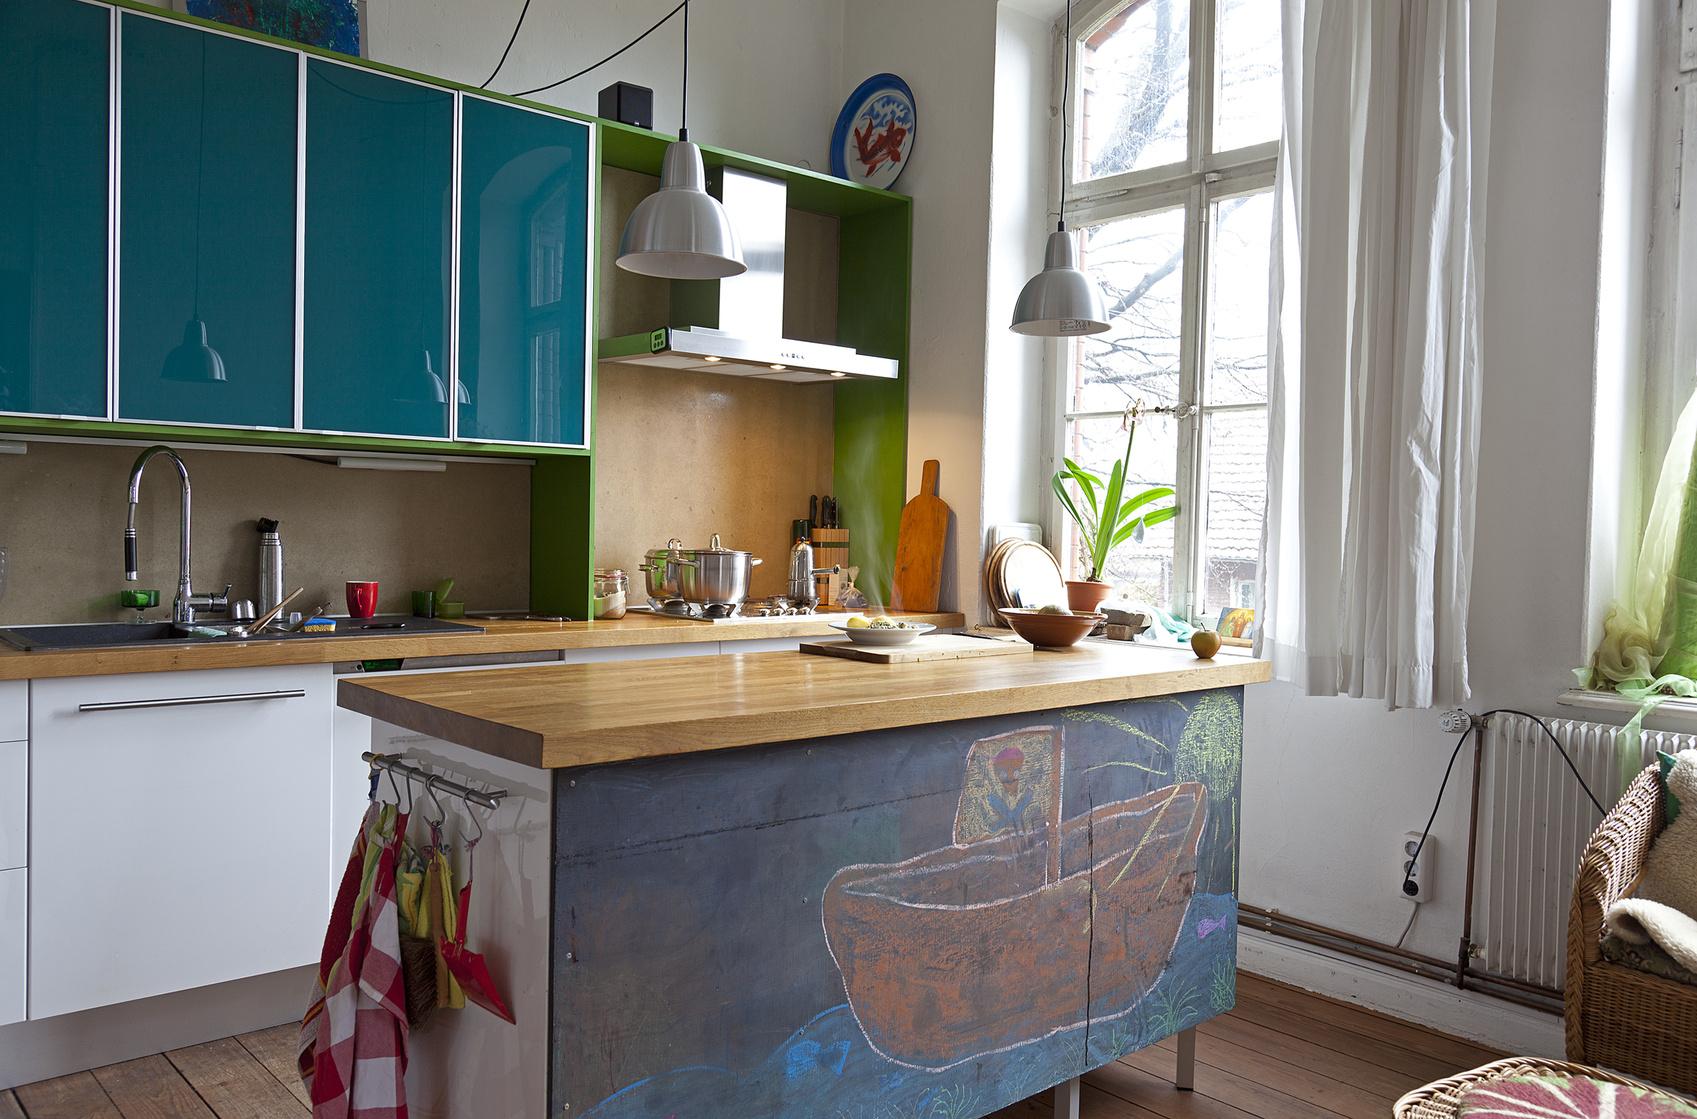 Die Kücheninsel - stilvolle Küchenform mit optischem Highlight | {Kücheninsel landhausstil 91}